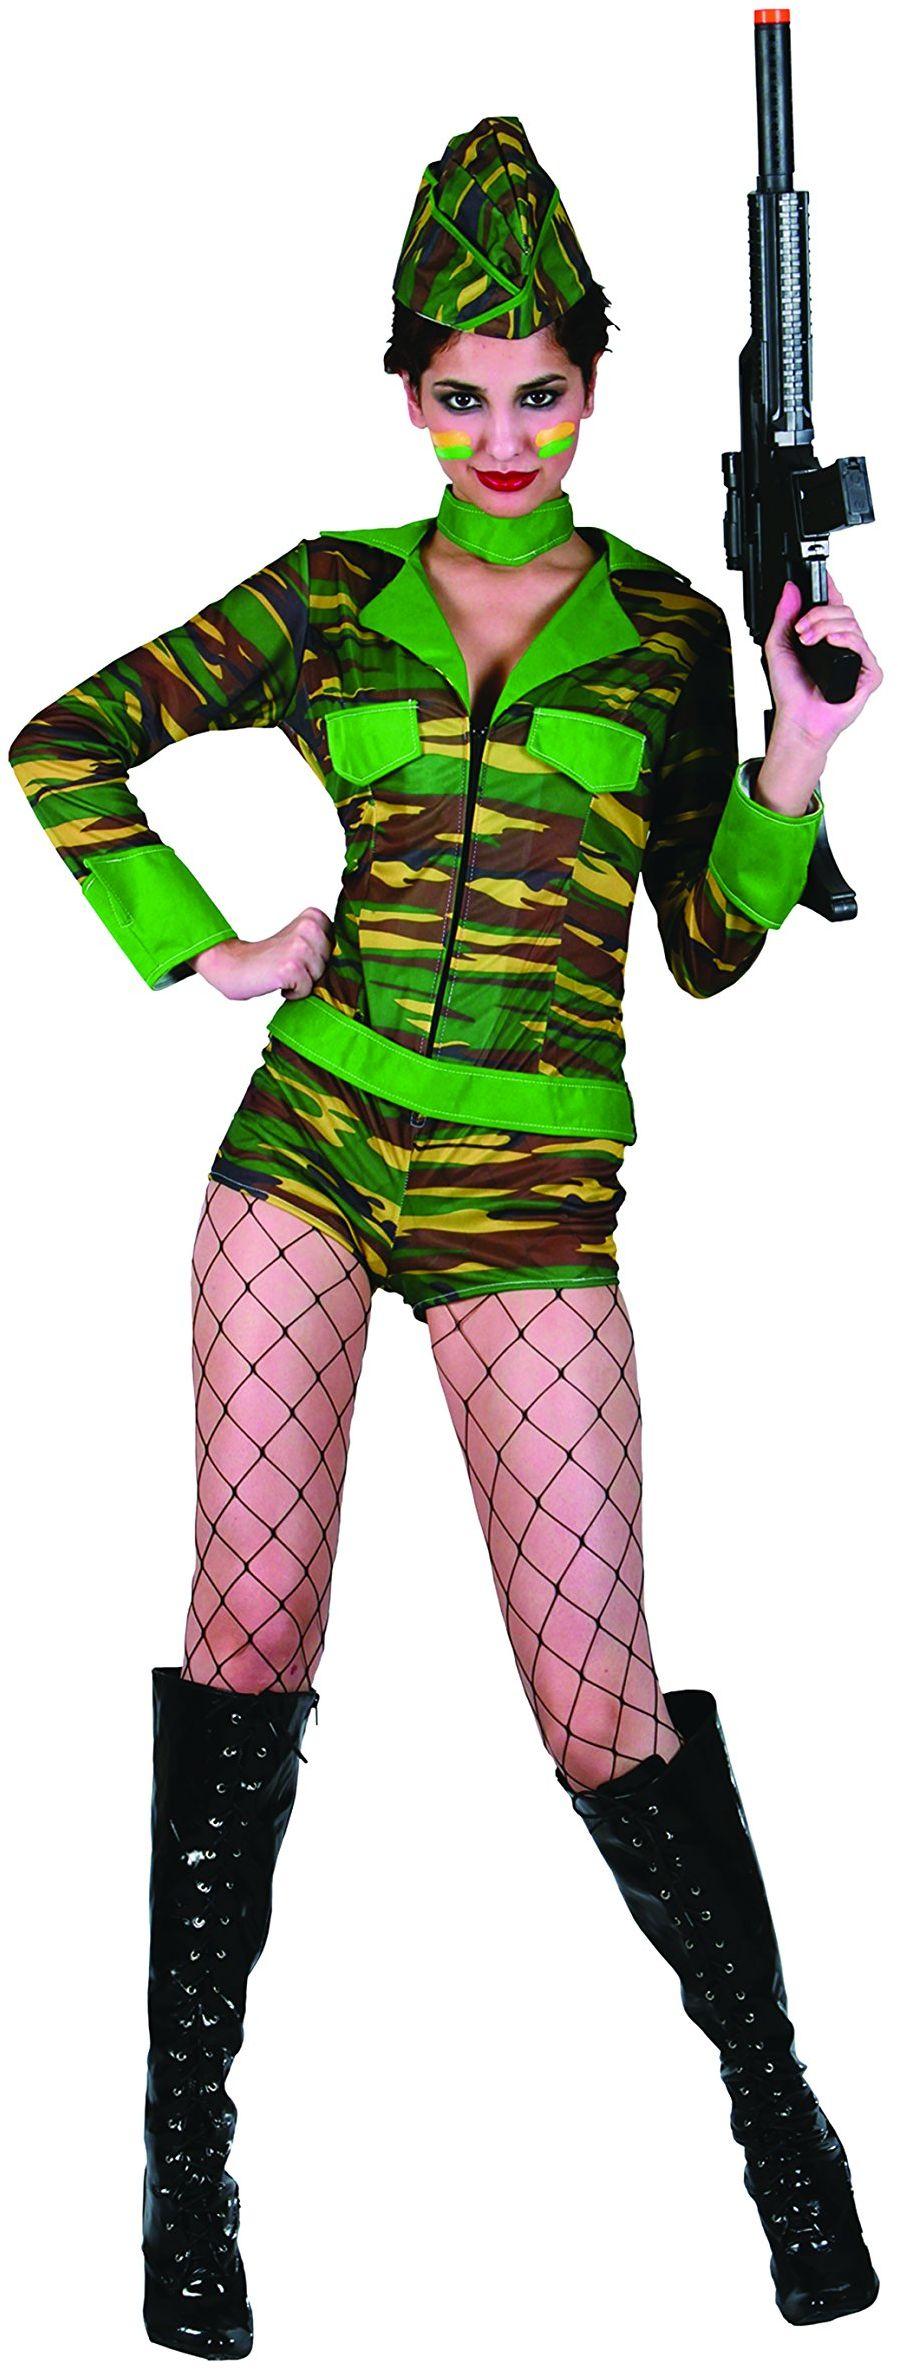 Kwiaty Paolo  kostium żołnierza damski dla dorosłych kobiet, wielokolorowy, rozmiar 40  42, 62077